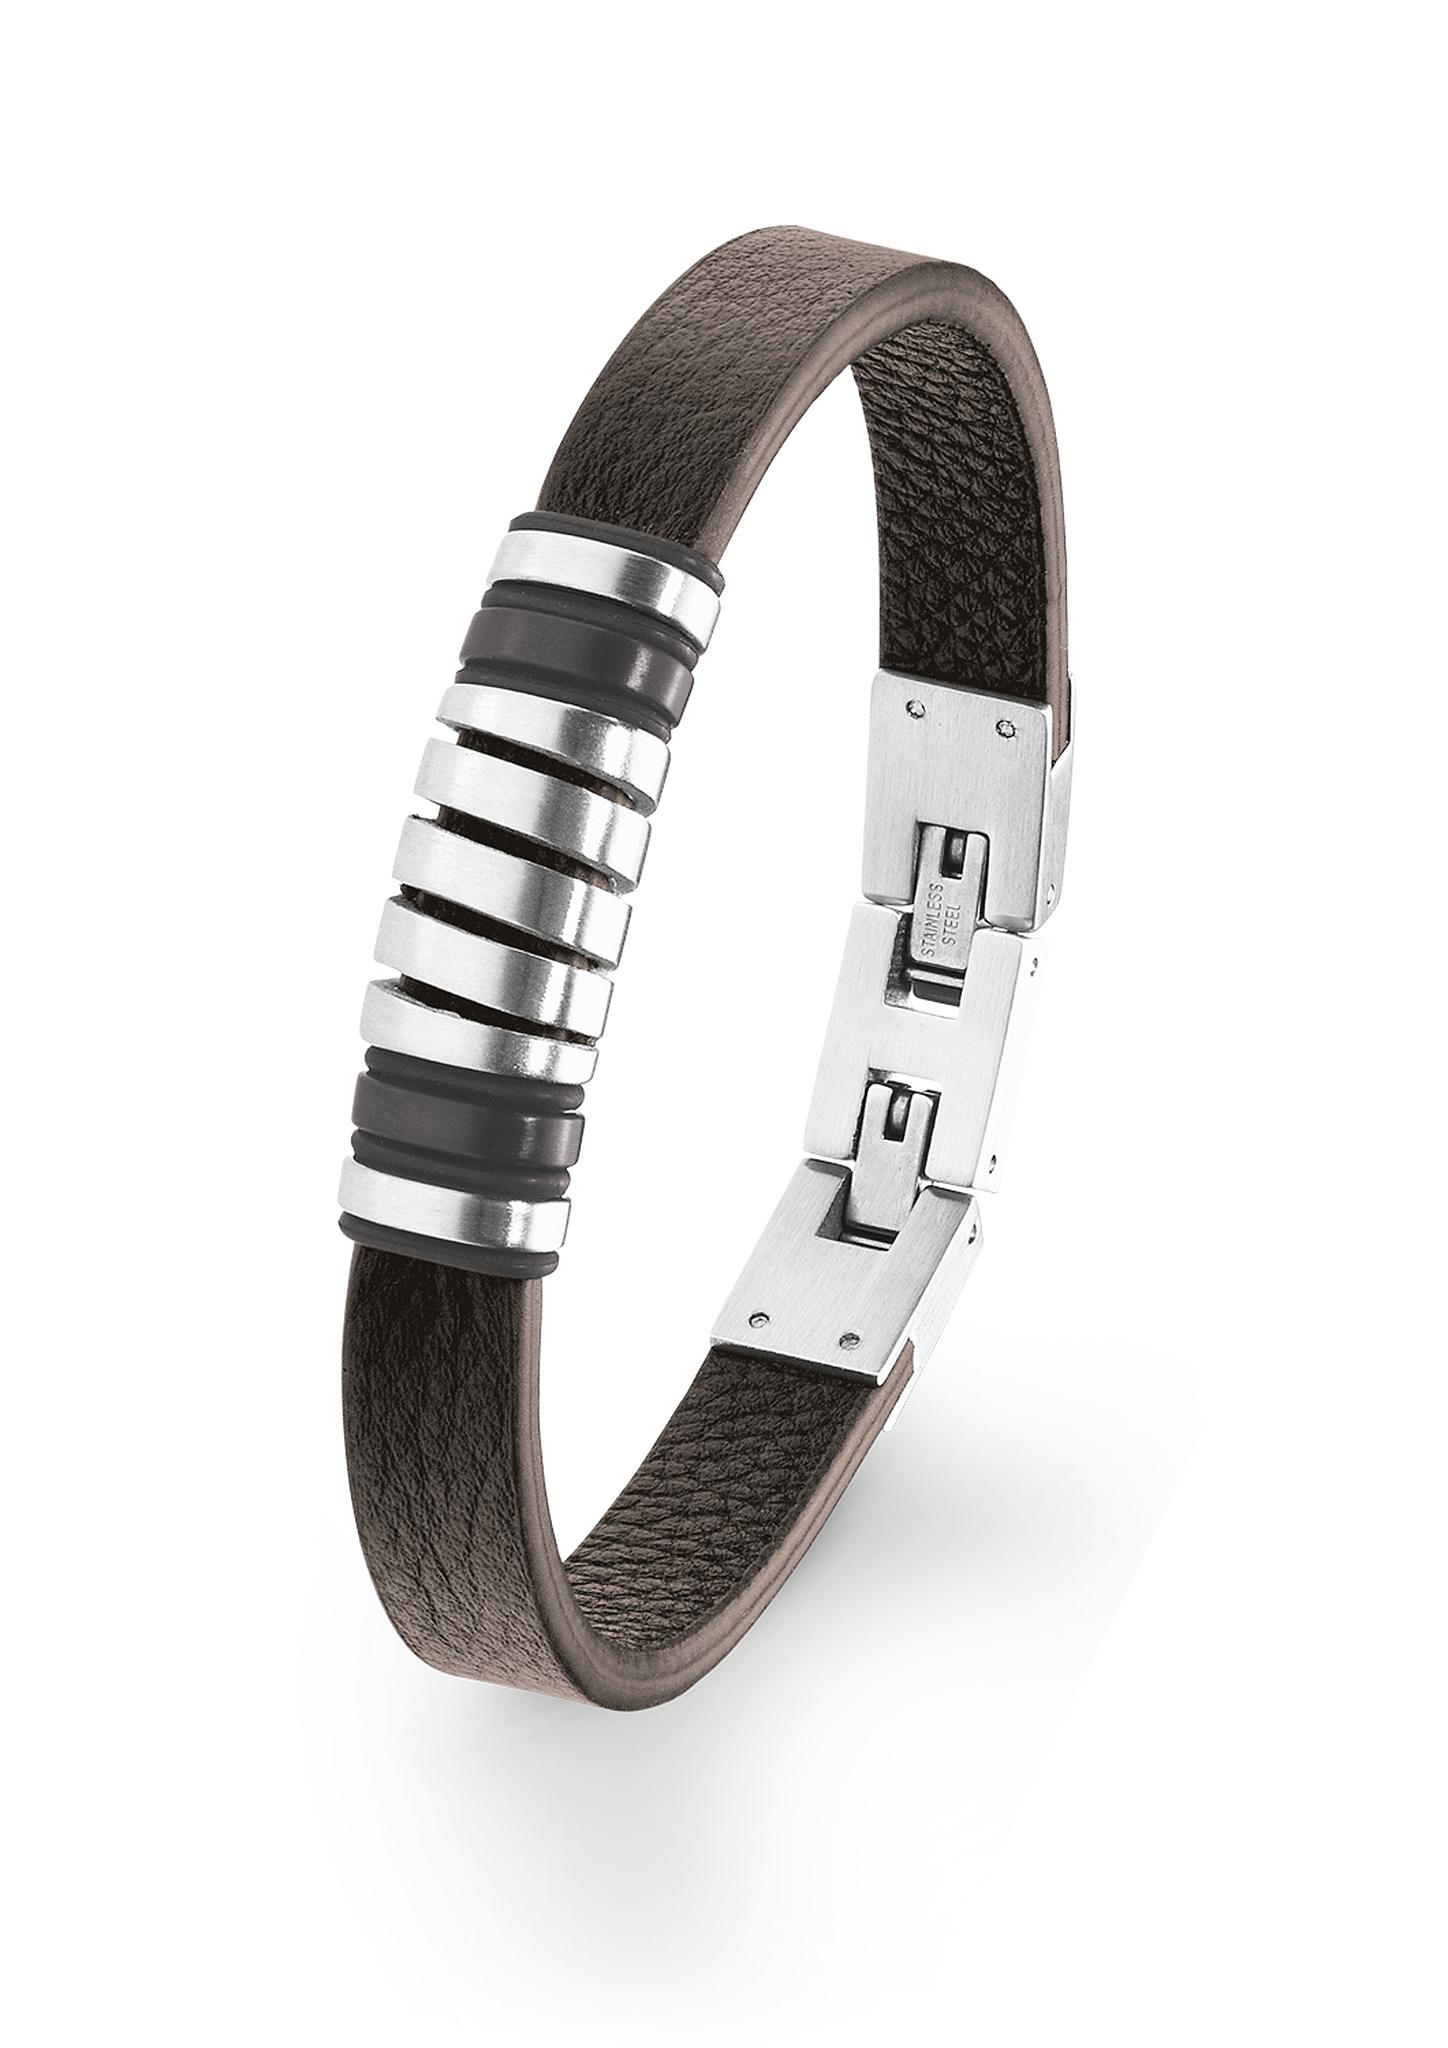 Armband | Schmuck | Braun | Edelstahl| leder | s.Oliver